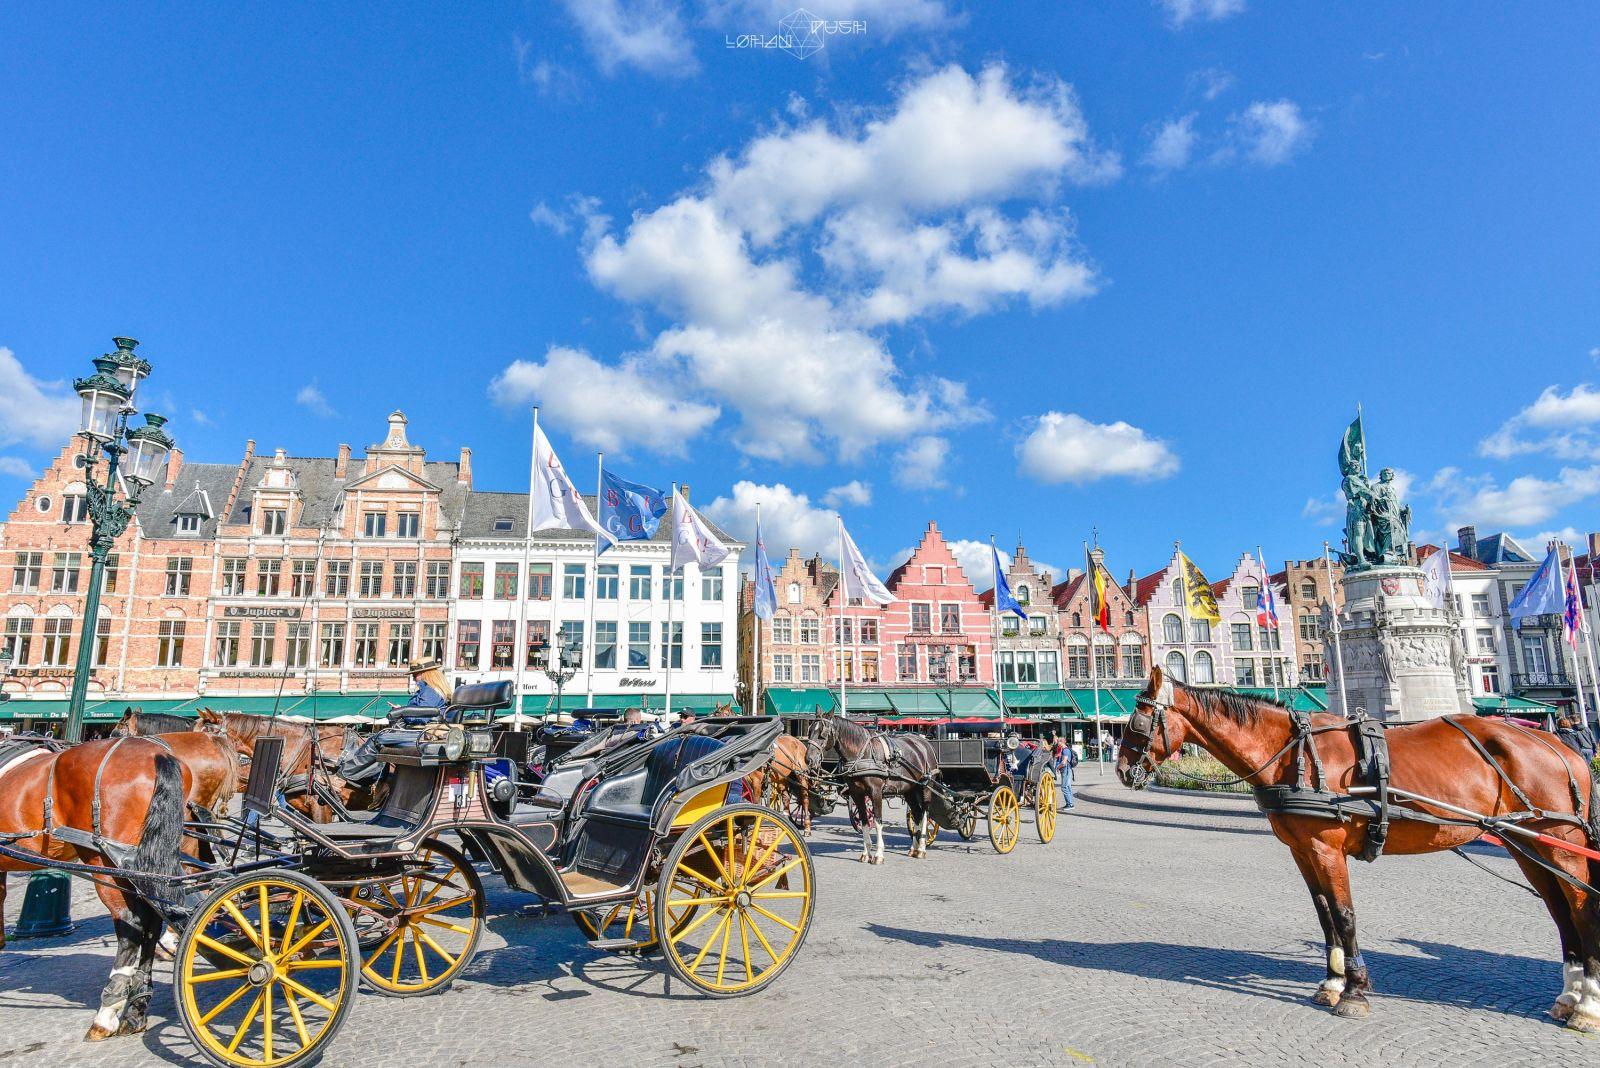 比利時 布魯日景點:登布魯日鐘樓俯瞰童話城鎮 - 輕旅行